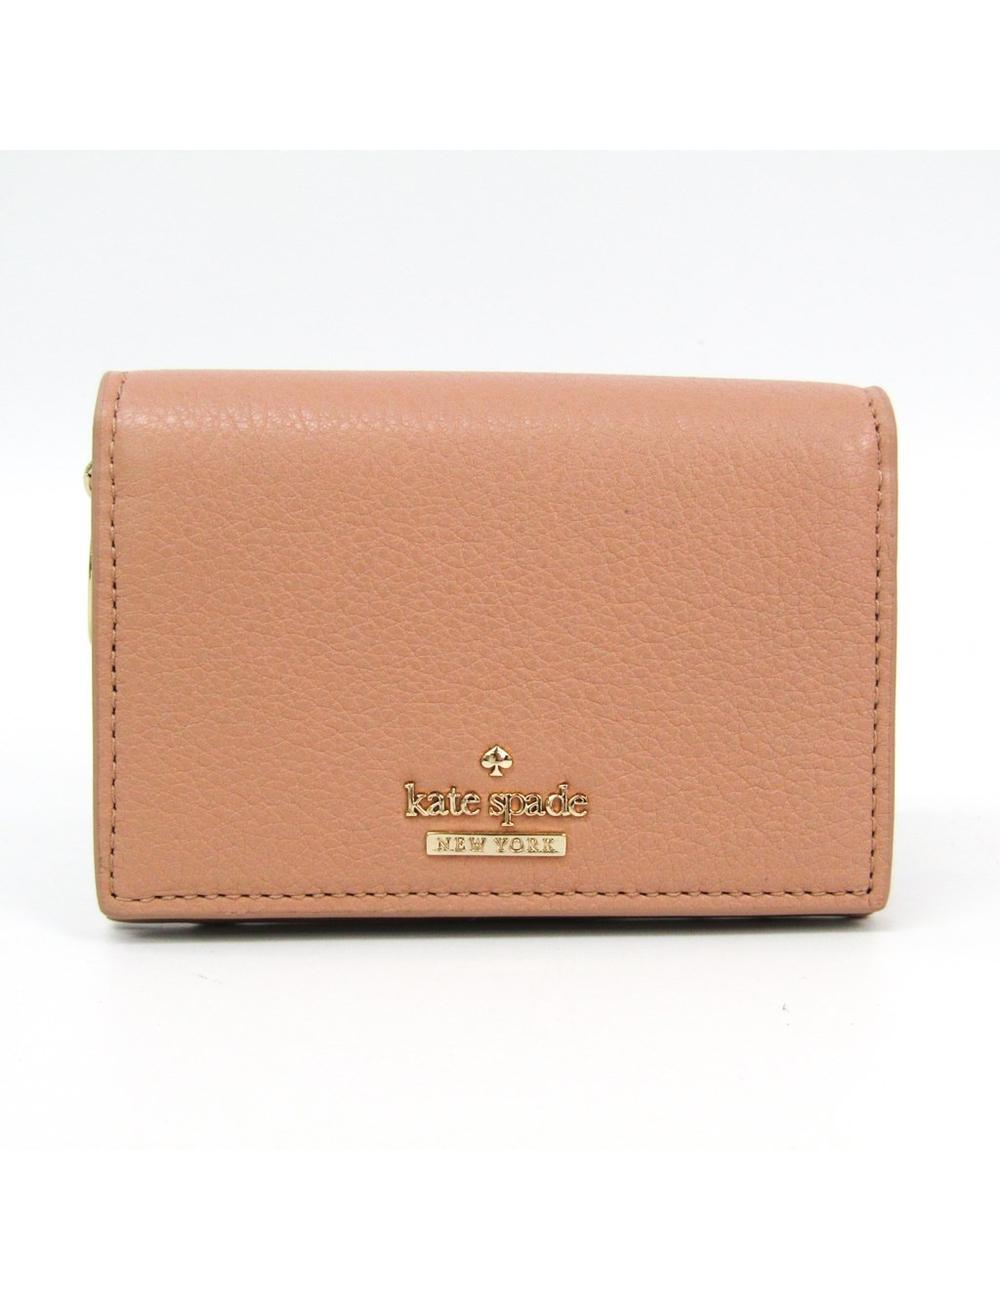 製造商:凱特·絲蓓(Kate Spade) 型號:PWRU6407 編號:PWRU6407 數字下拉菜單:2/3/1/1 外口袋號碼:1/1 錢包類型:卡錢包 錢包關閉:按扣(掛鉤) 錢包內袋類型:卡